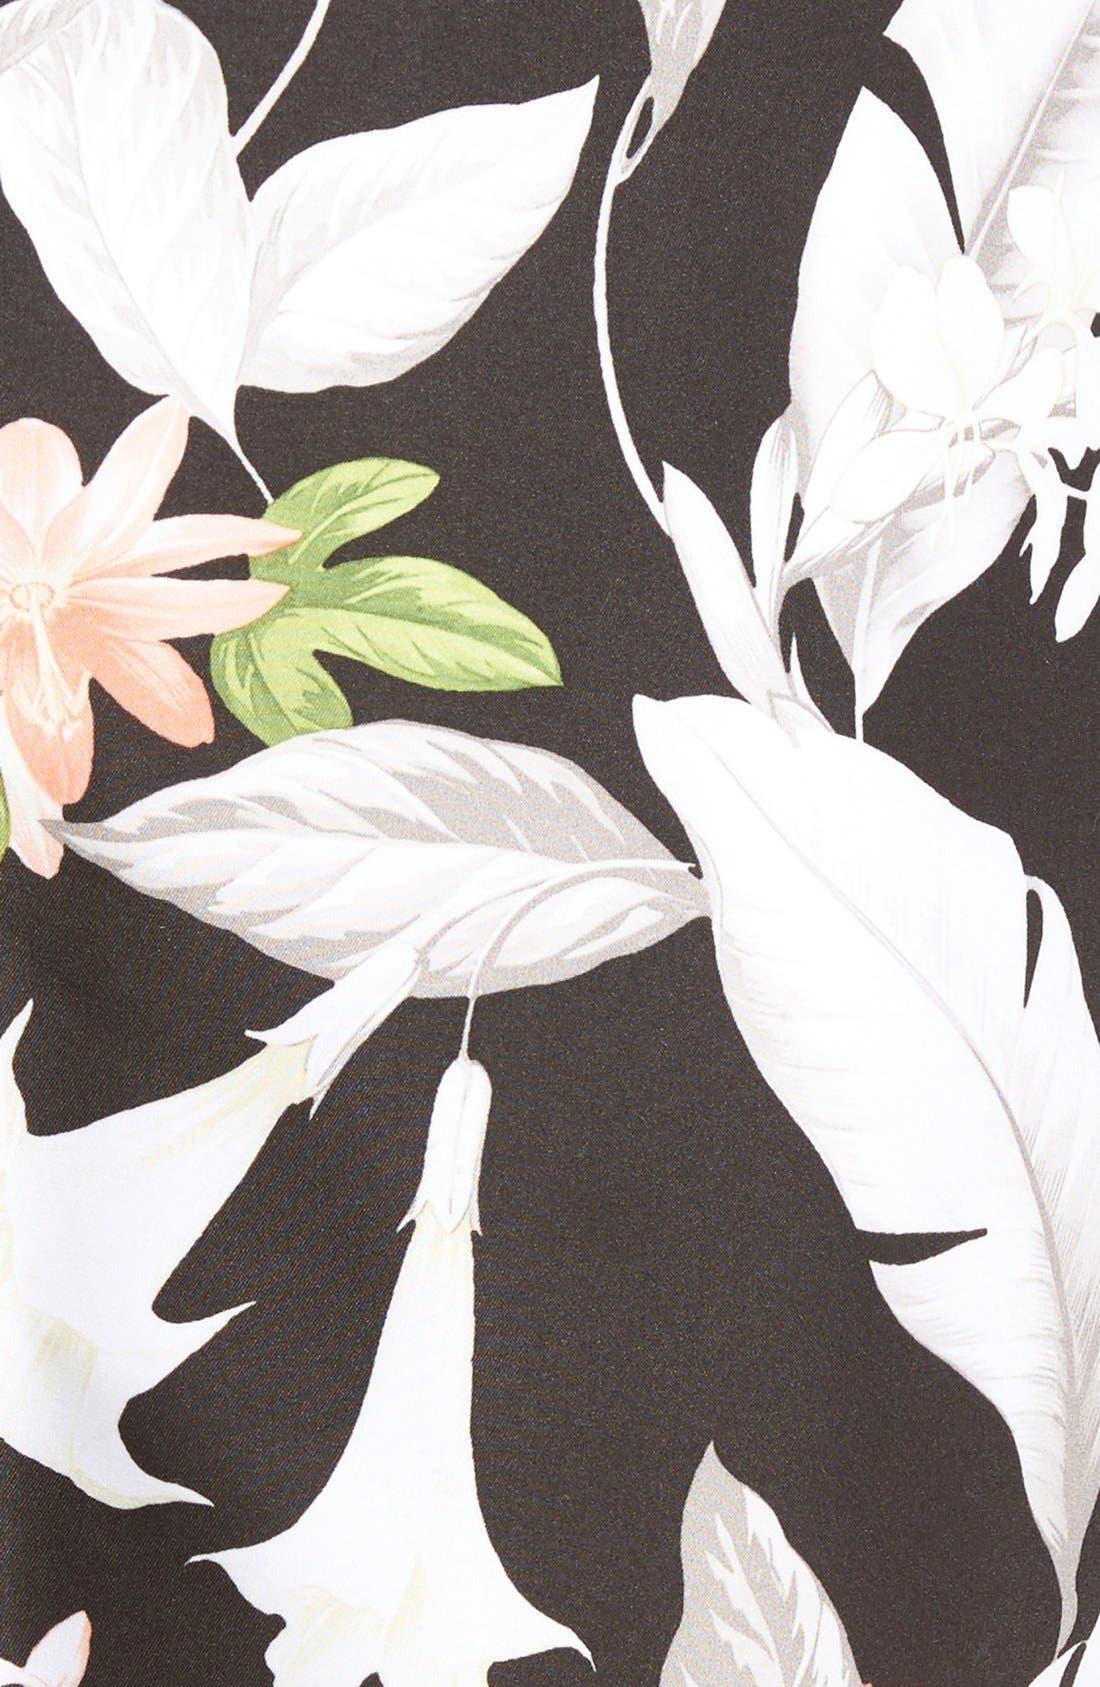 Naples Brego Blooms Swim Trunks,                             Alternate thumbnail 2, color,                             001